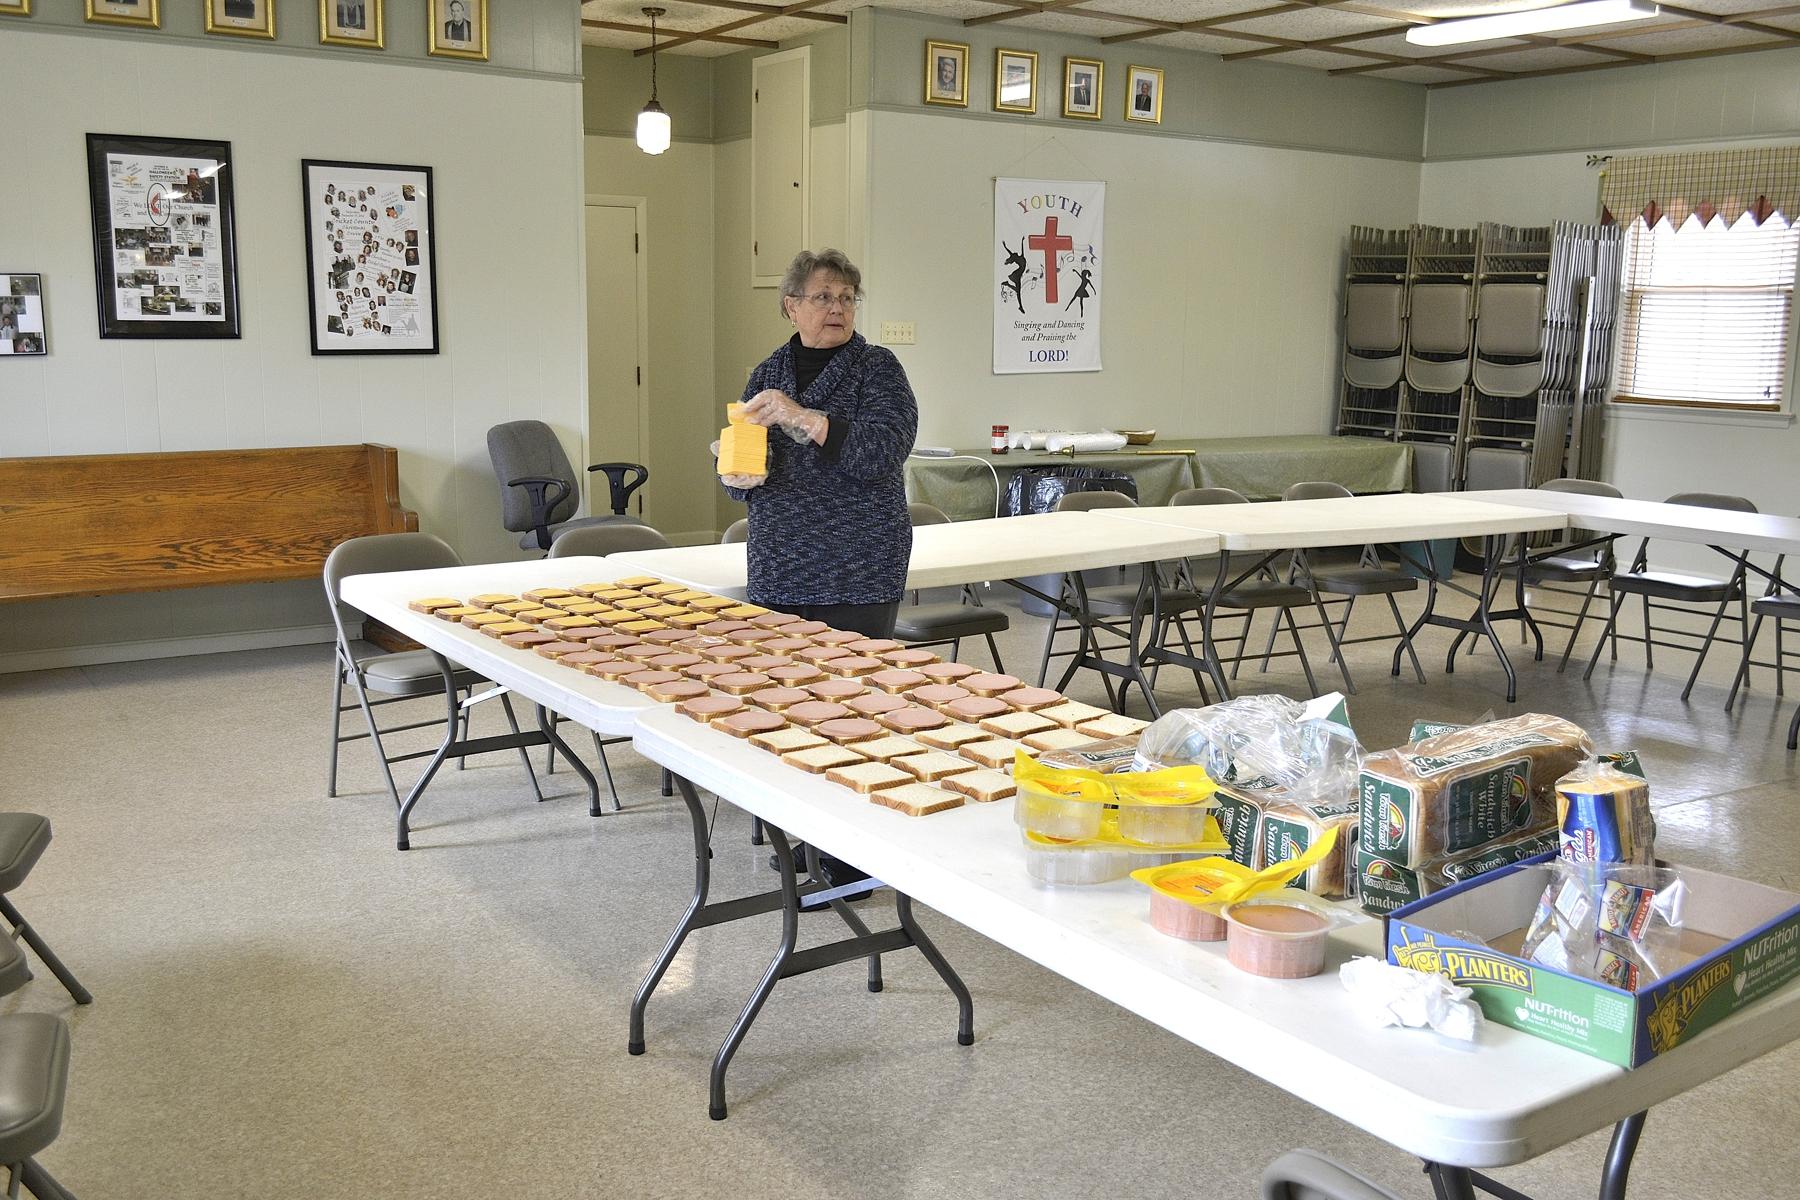 Jan assembling sandwiches